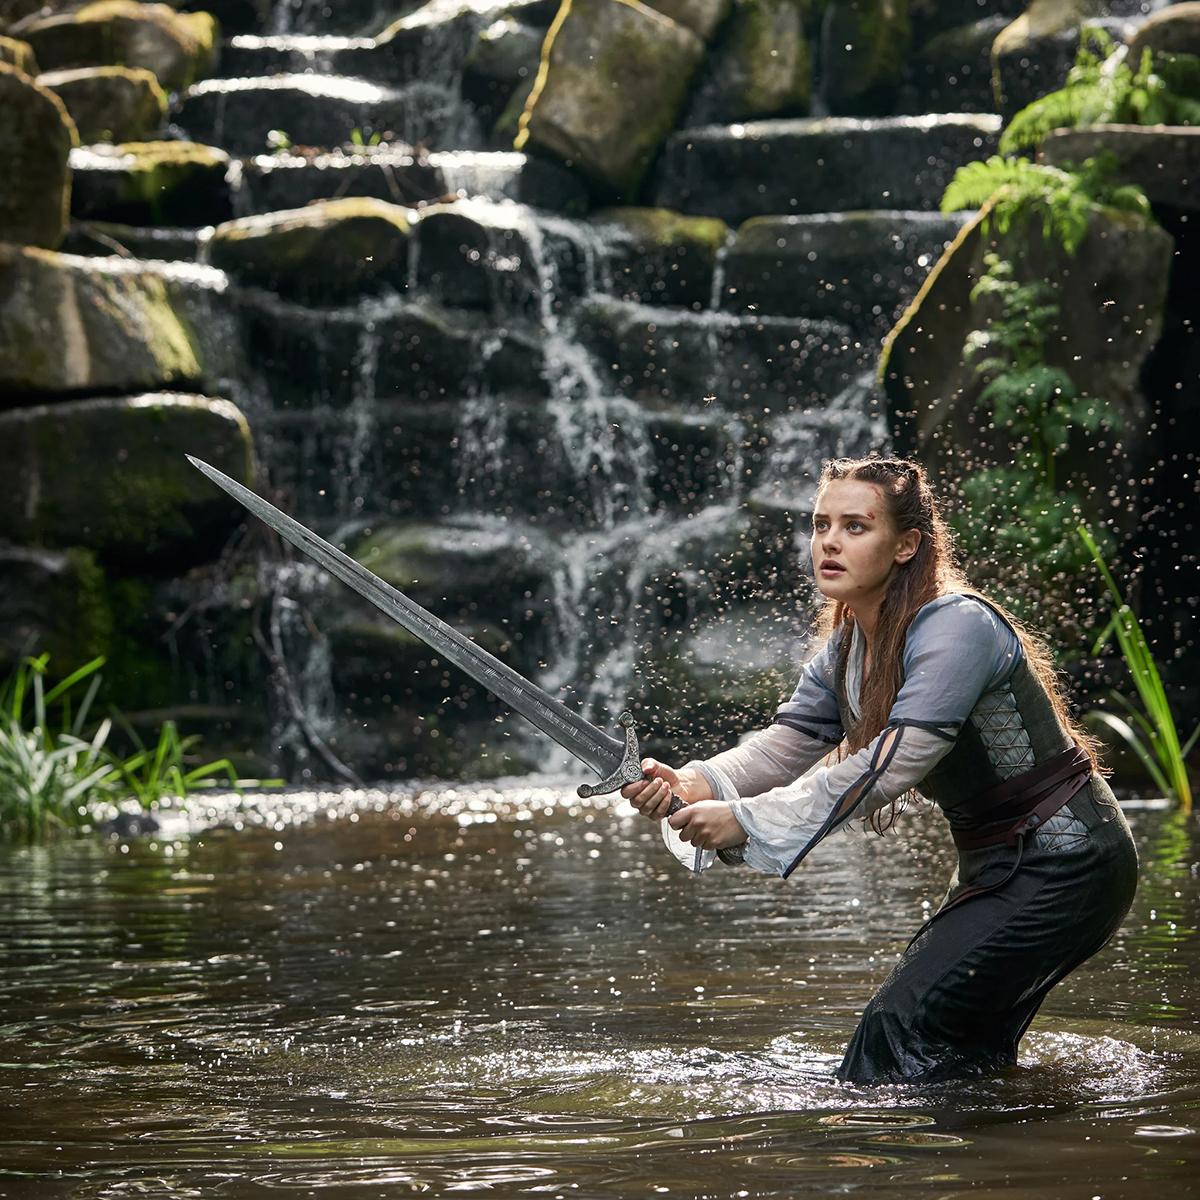 Nimue trong một trận chiến dưới hồ.